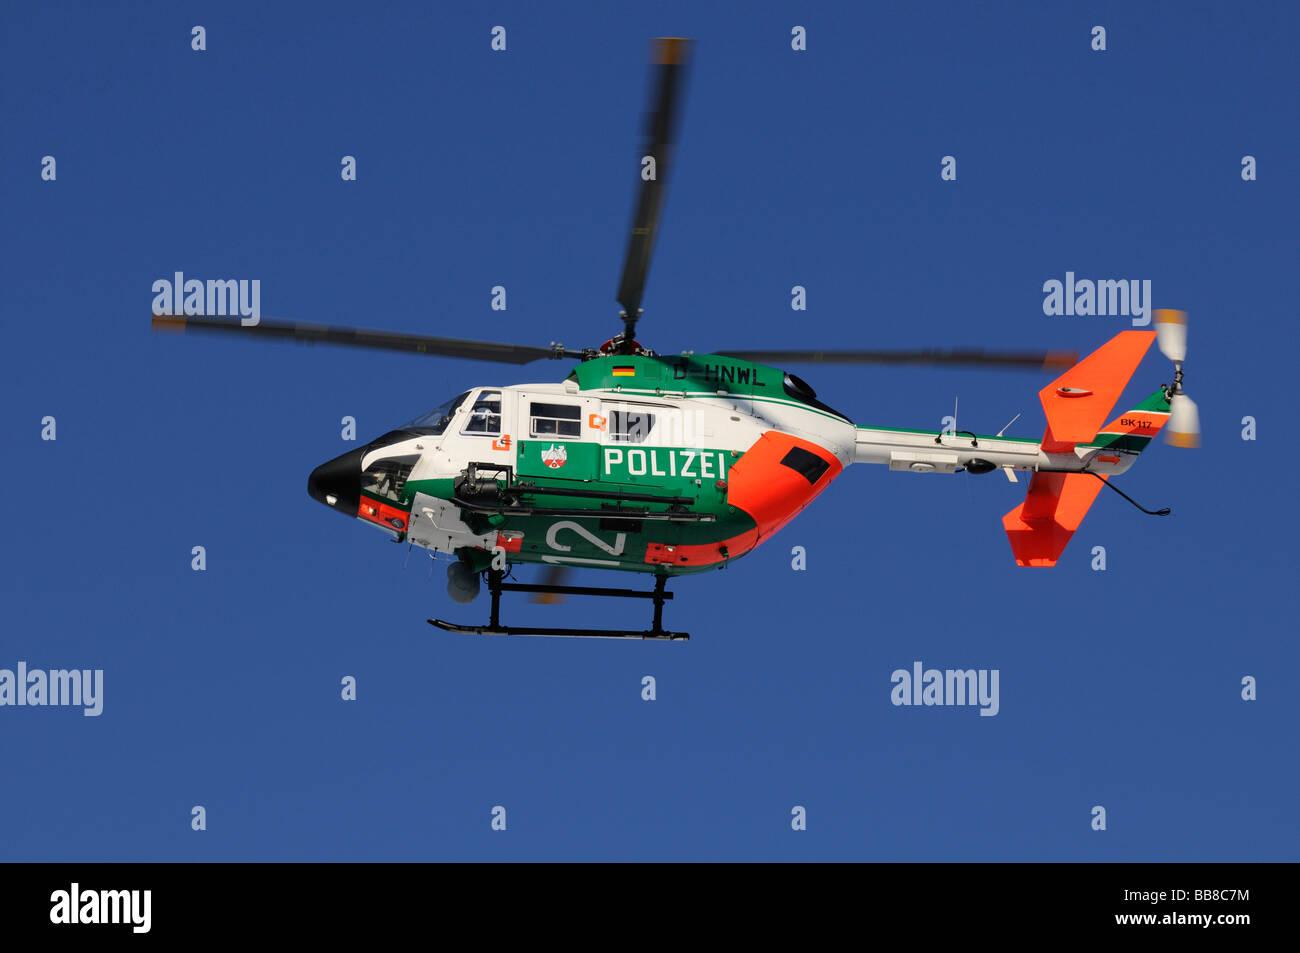 Vuelo en helicóptero de la policía contra un cielo azul de acero Imagen De Stock